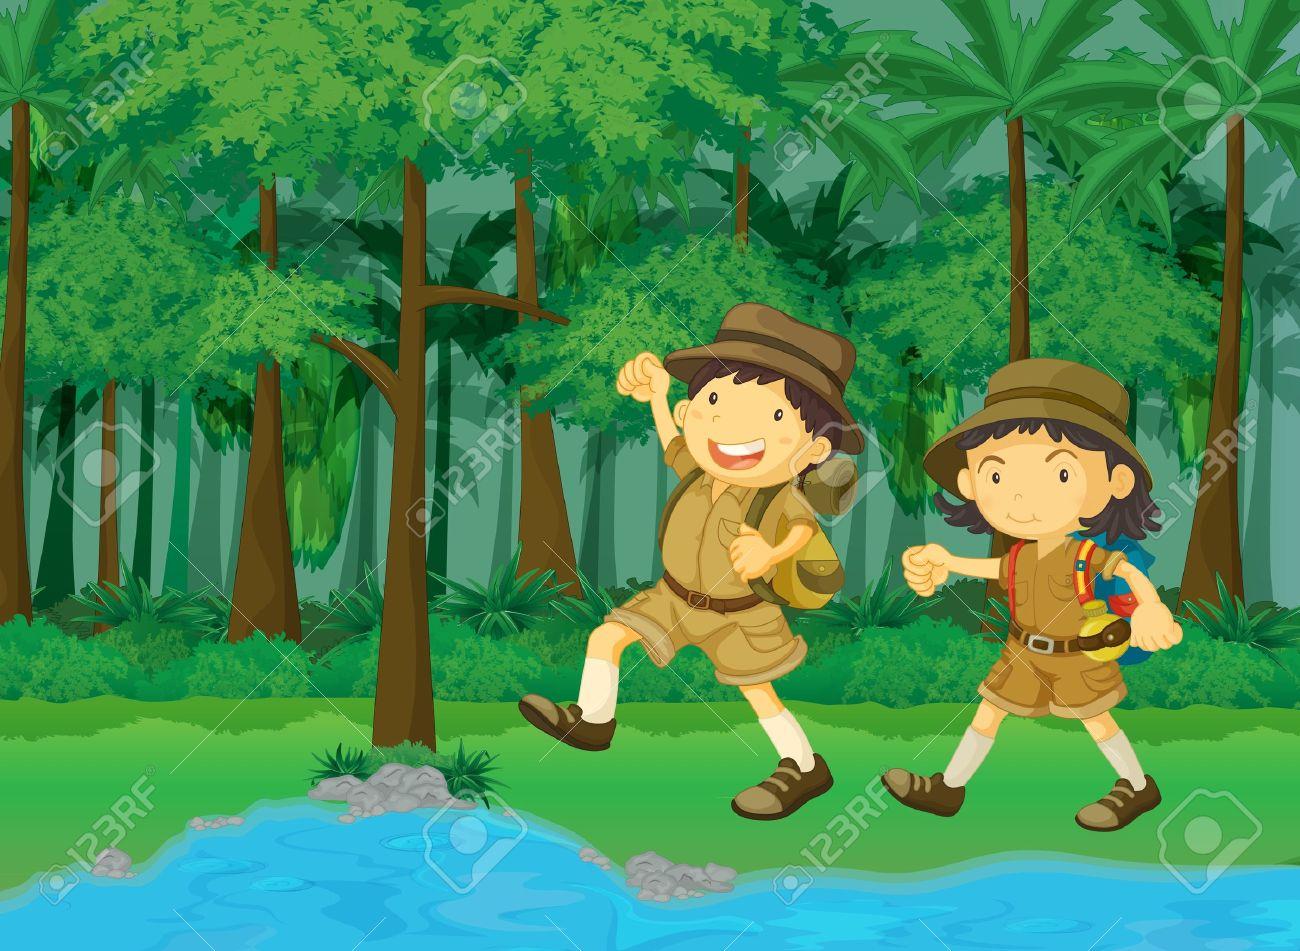 explorer clipart man jungle